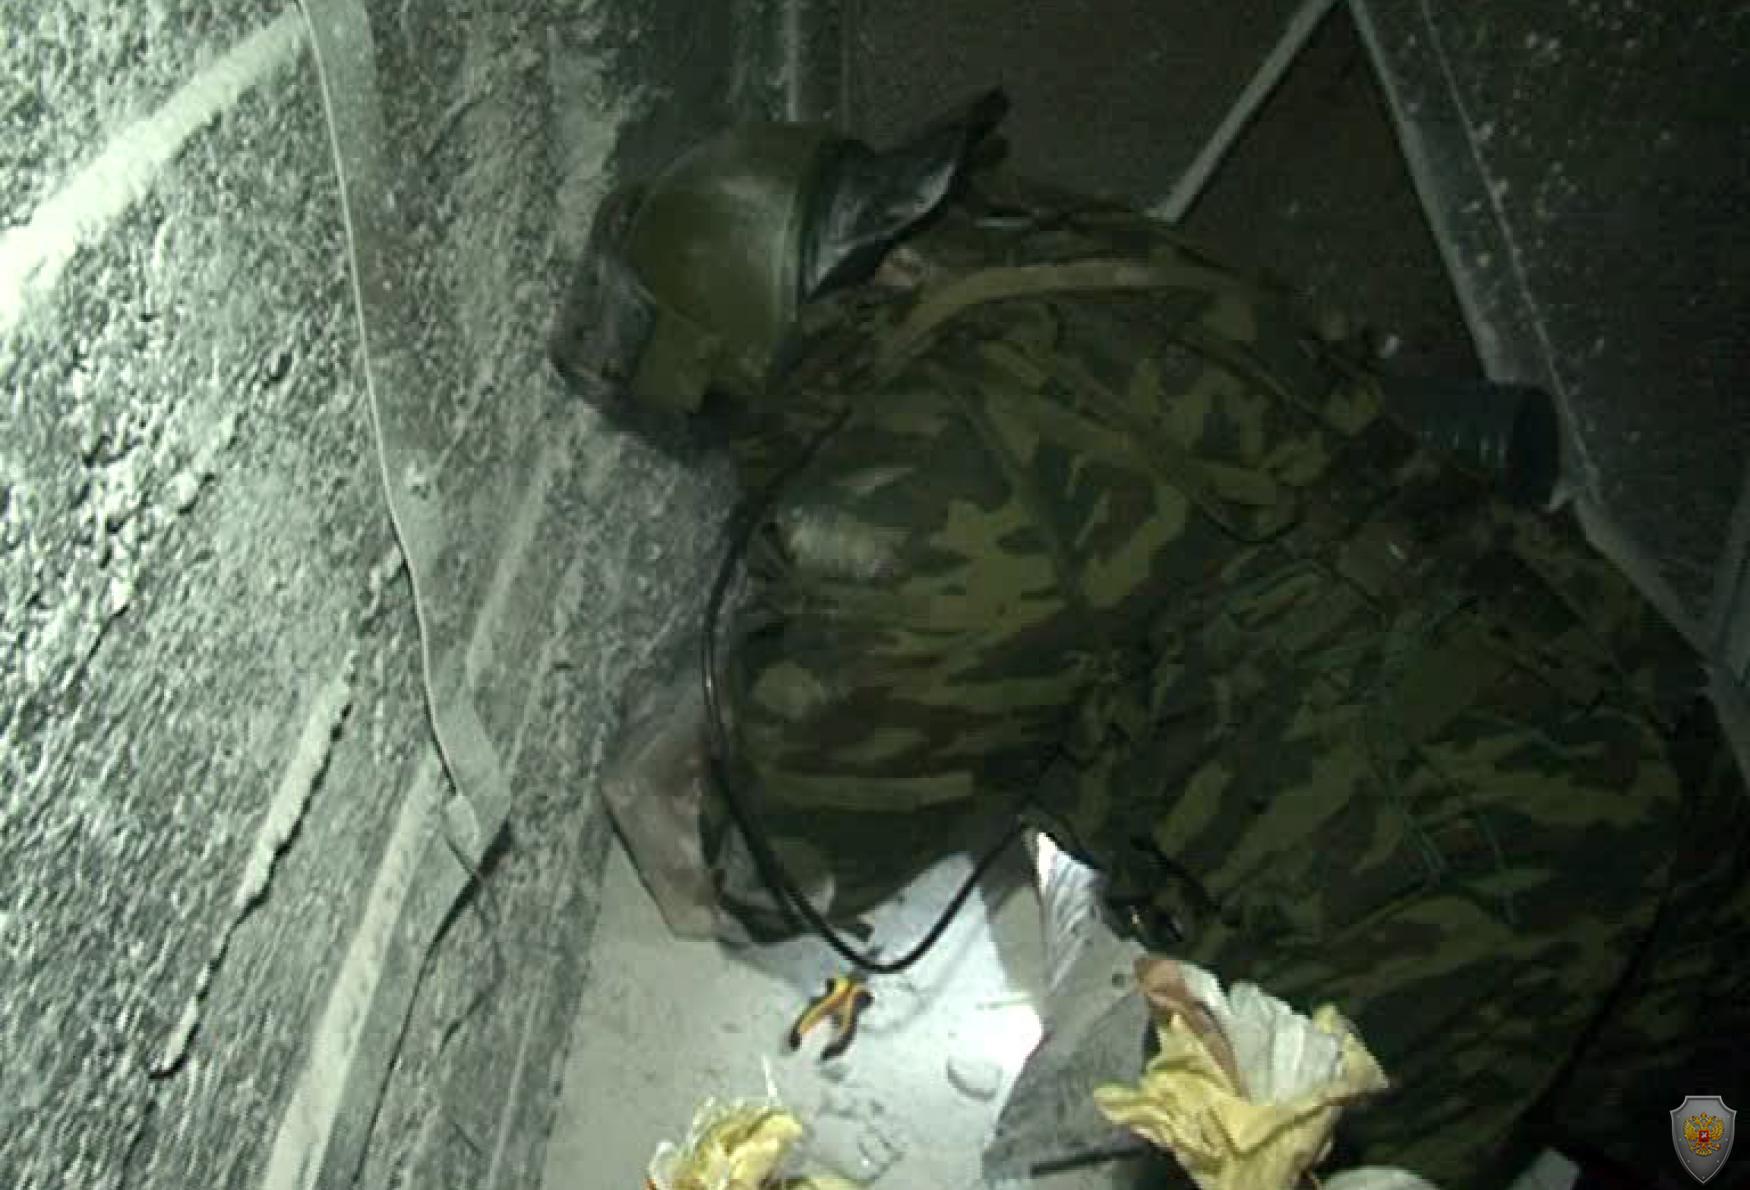 Сотрудник группы ликвидации угрозы взрыва (ОМОН) осматривает СВУ